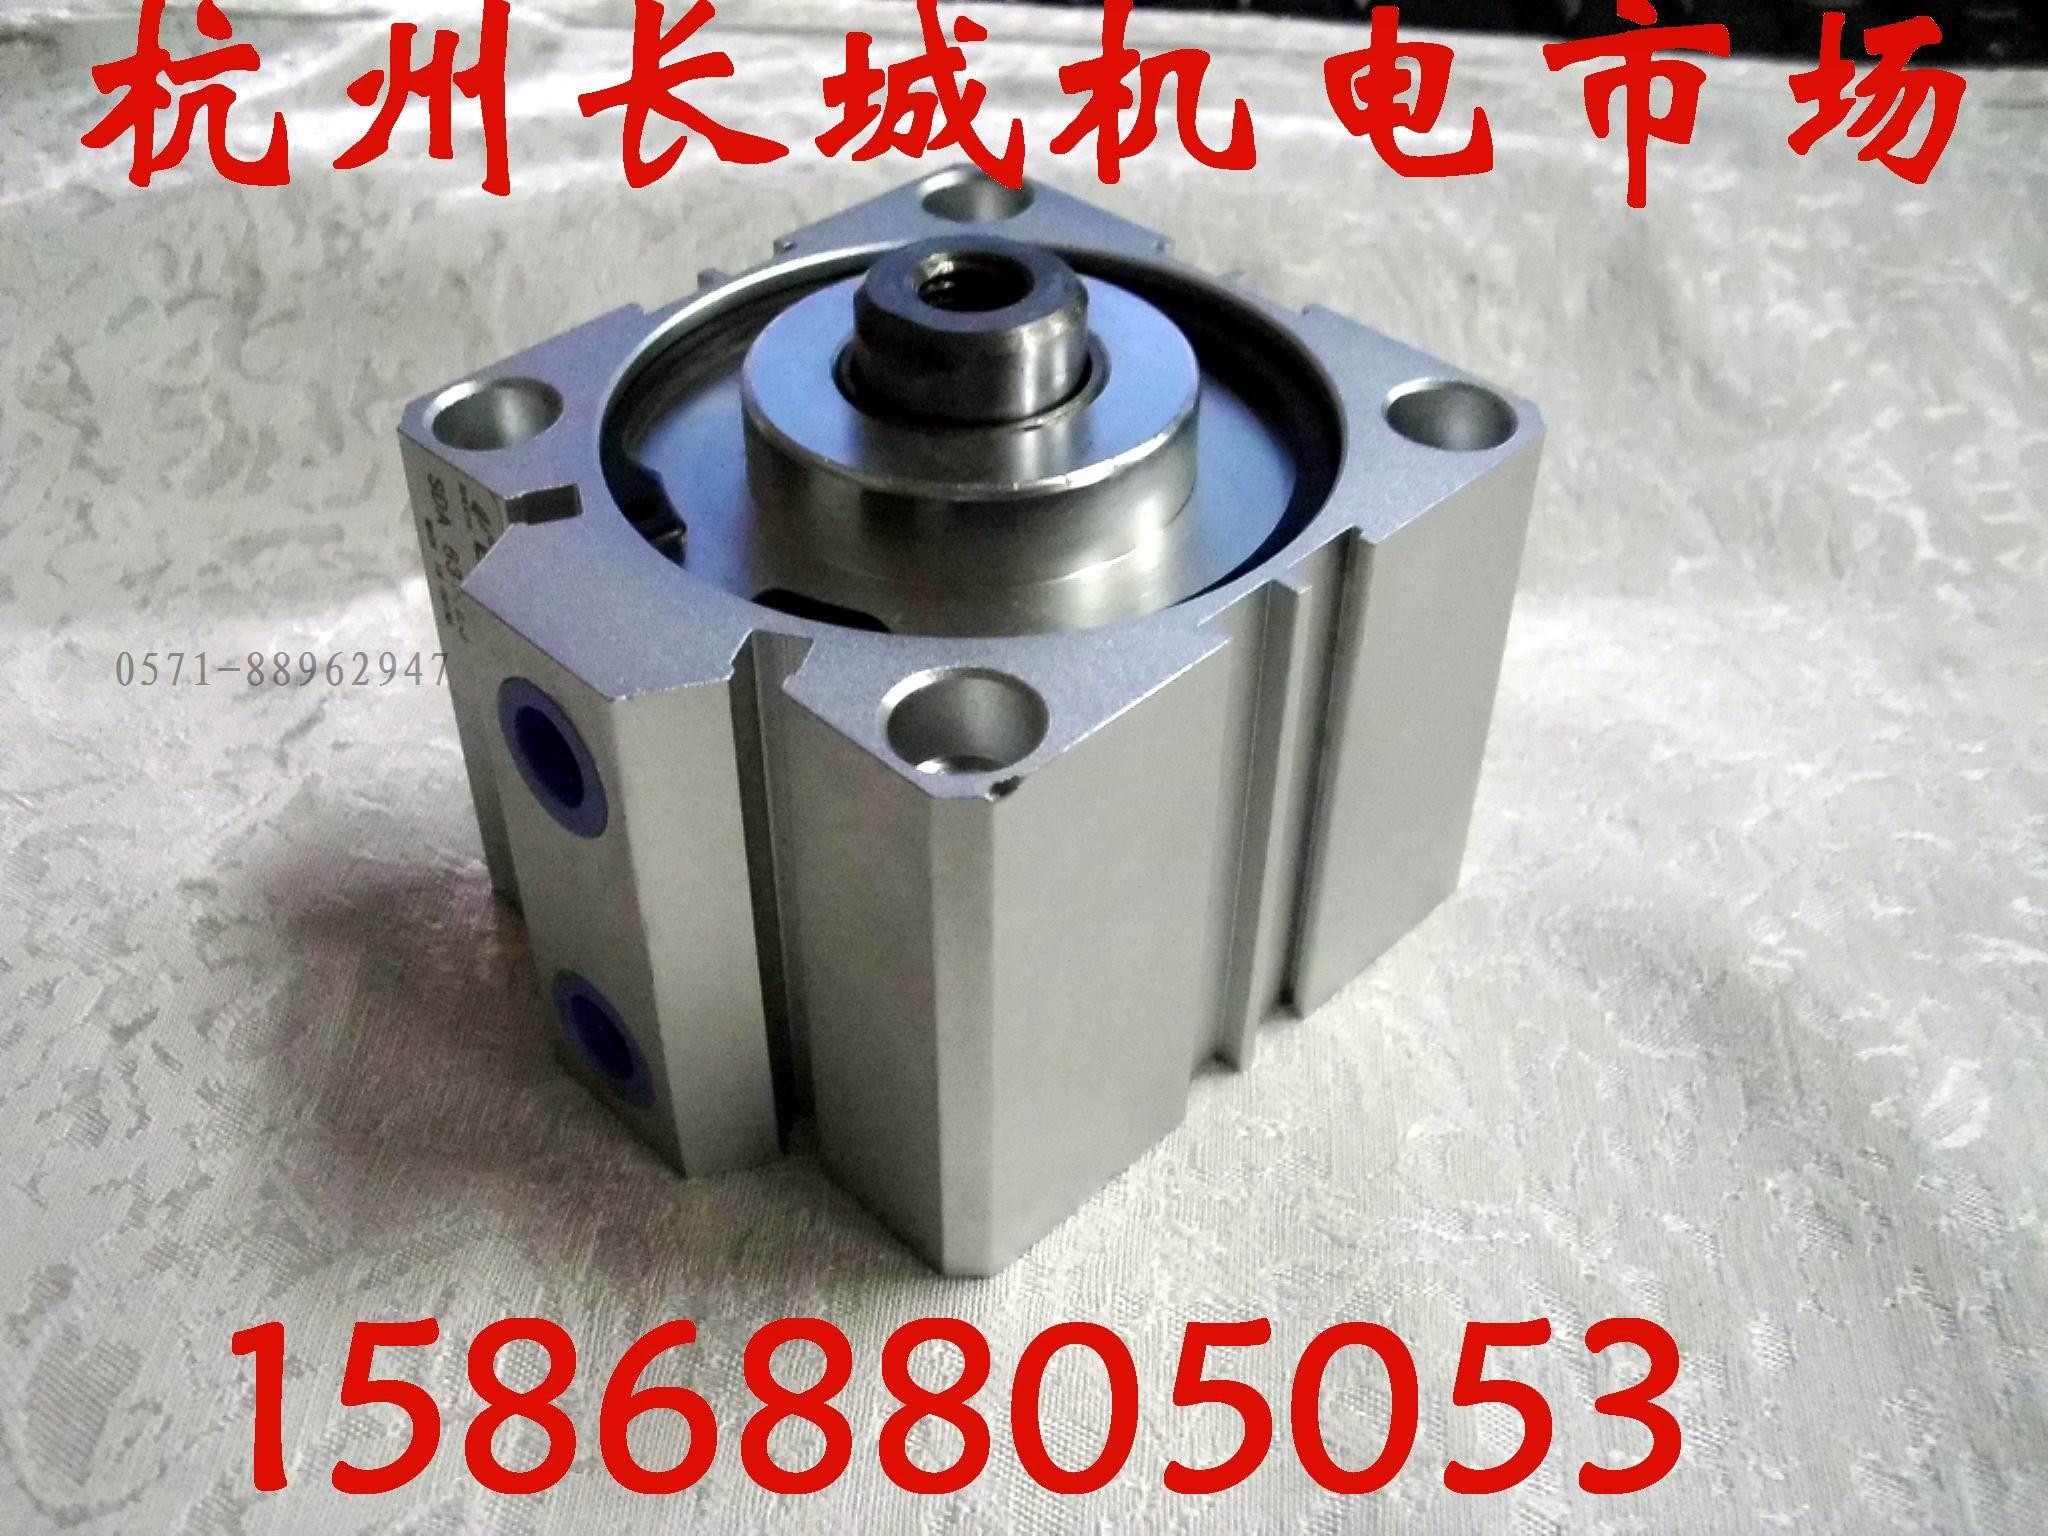 silindri läbimõõt on vähemalt 40 mm - mm SDA40X15SDA40*15. silindri, pneumaatilised täiturmehhanismid